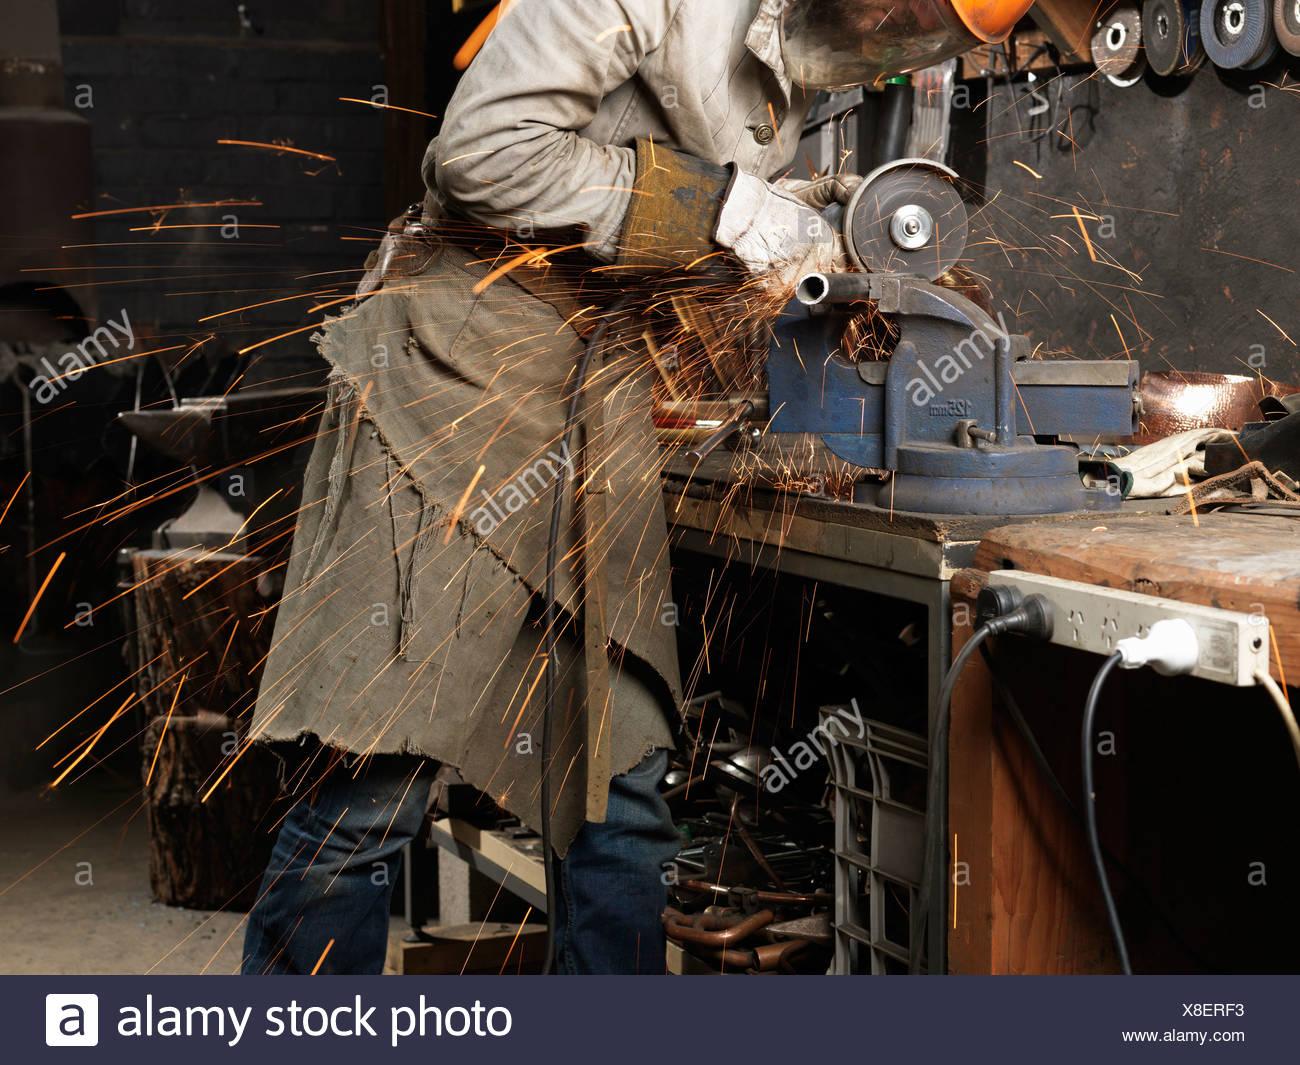 Meulage forgeron metal sur une machine en atelier Photo Stock